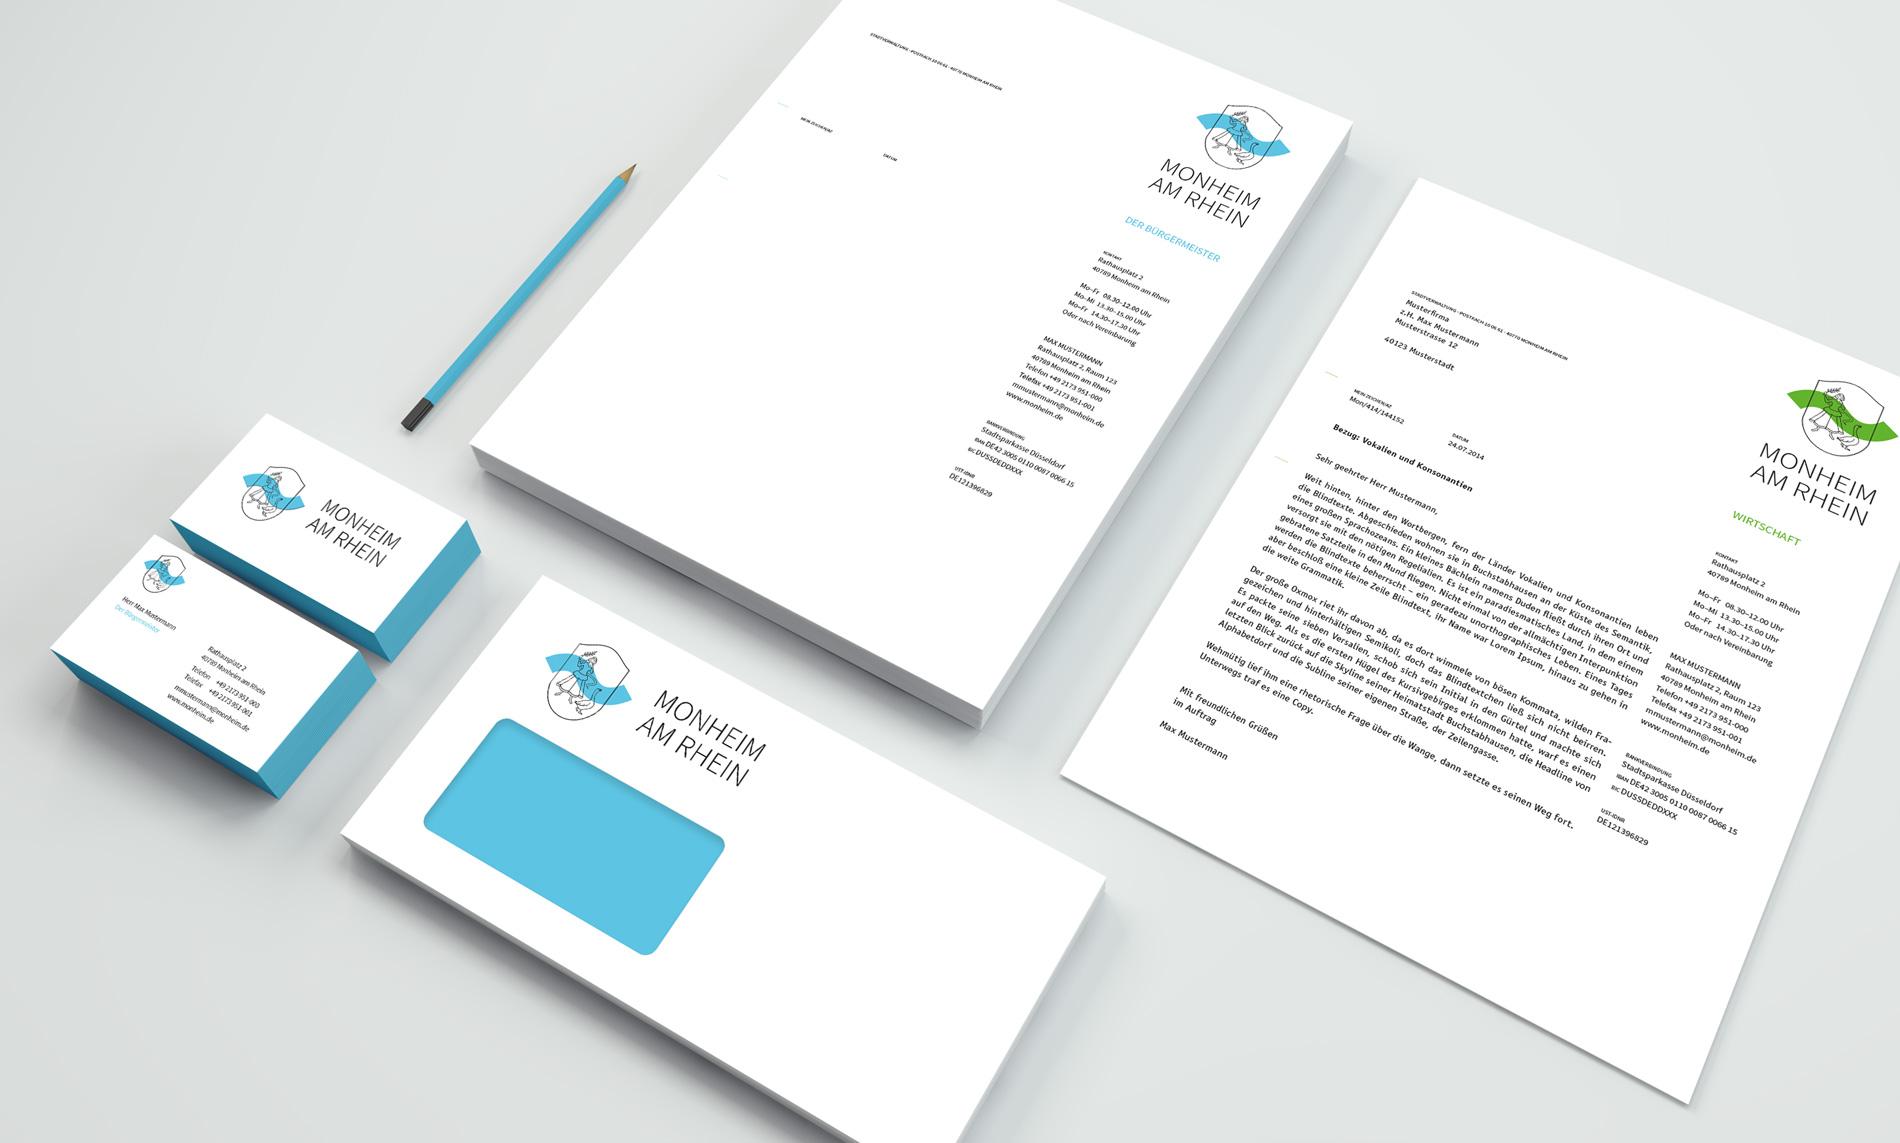 Monheim am Rhein Corporate Design Geschäftsausstattung Visitenkarten und Briefbogen